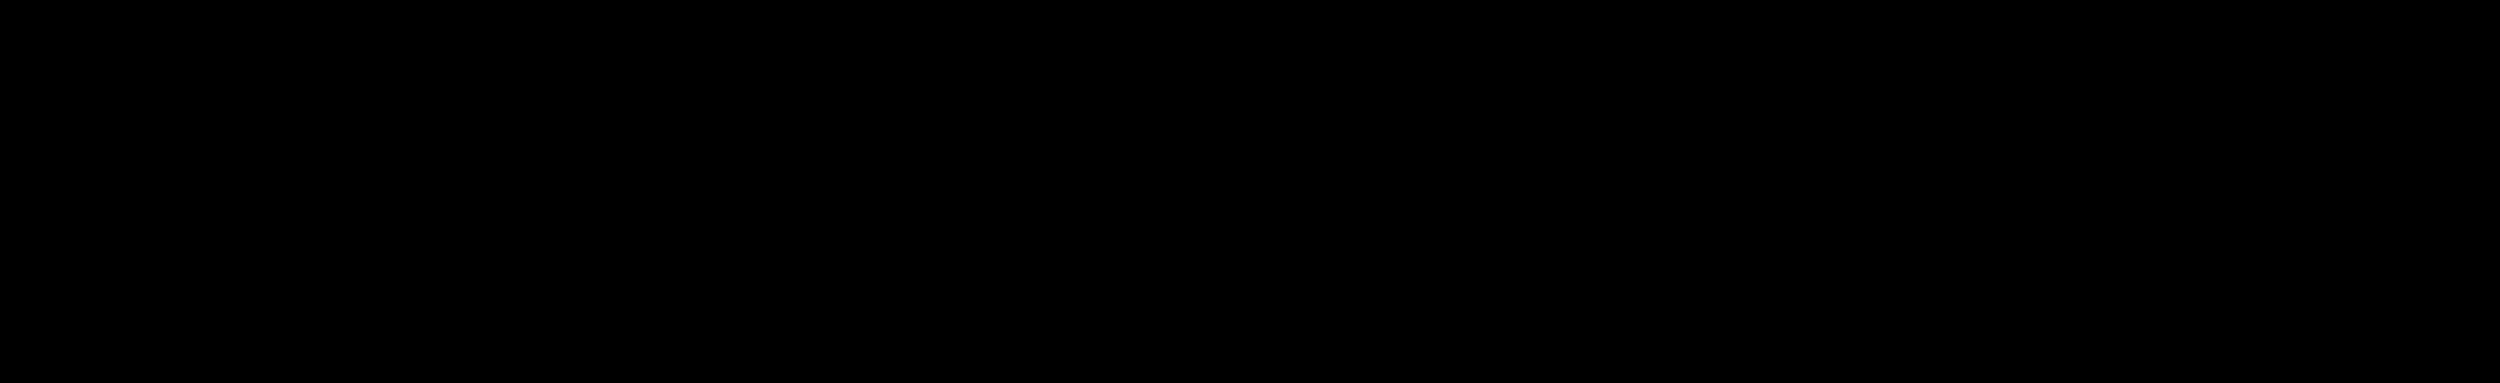 tcc-01.png